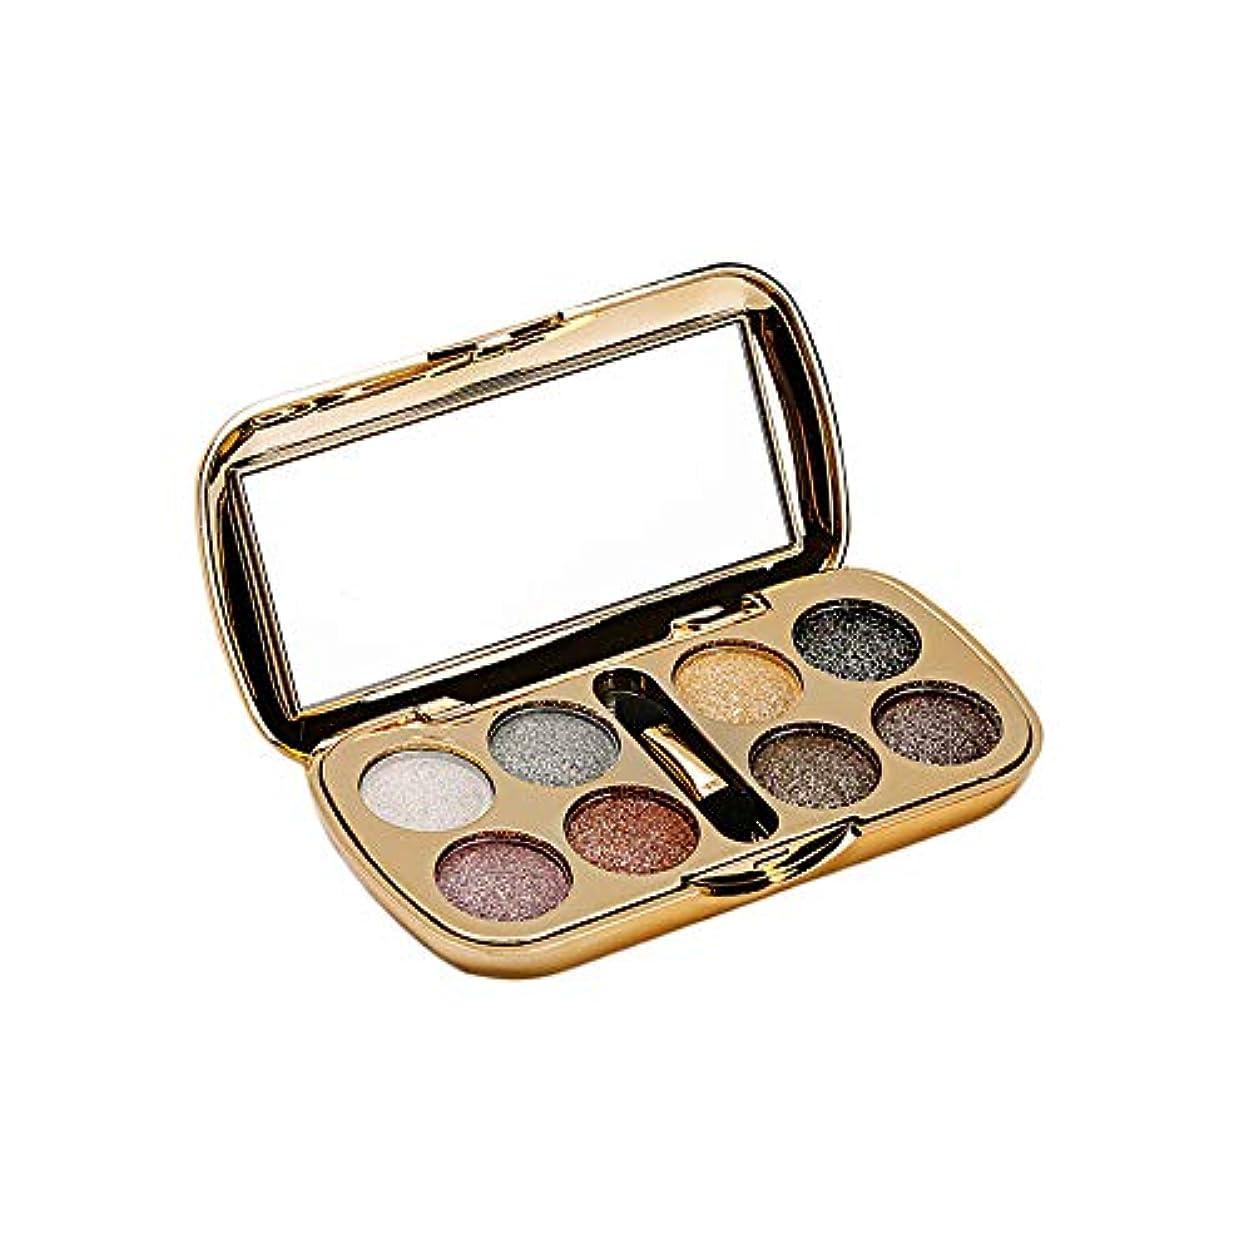 それ値下げタイルAkane アイシャドウパレット Lameila 綺麗 魅力的 ファッション 人気 気質的 キラキラ ダイヤモンド チャーム 防水 長持ち おしゃれ 持ち便利 Eye Shadow (8色) 3551